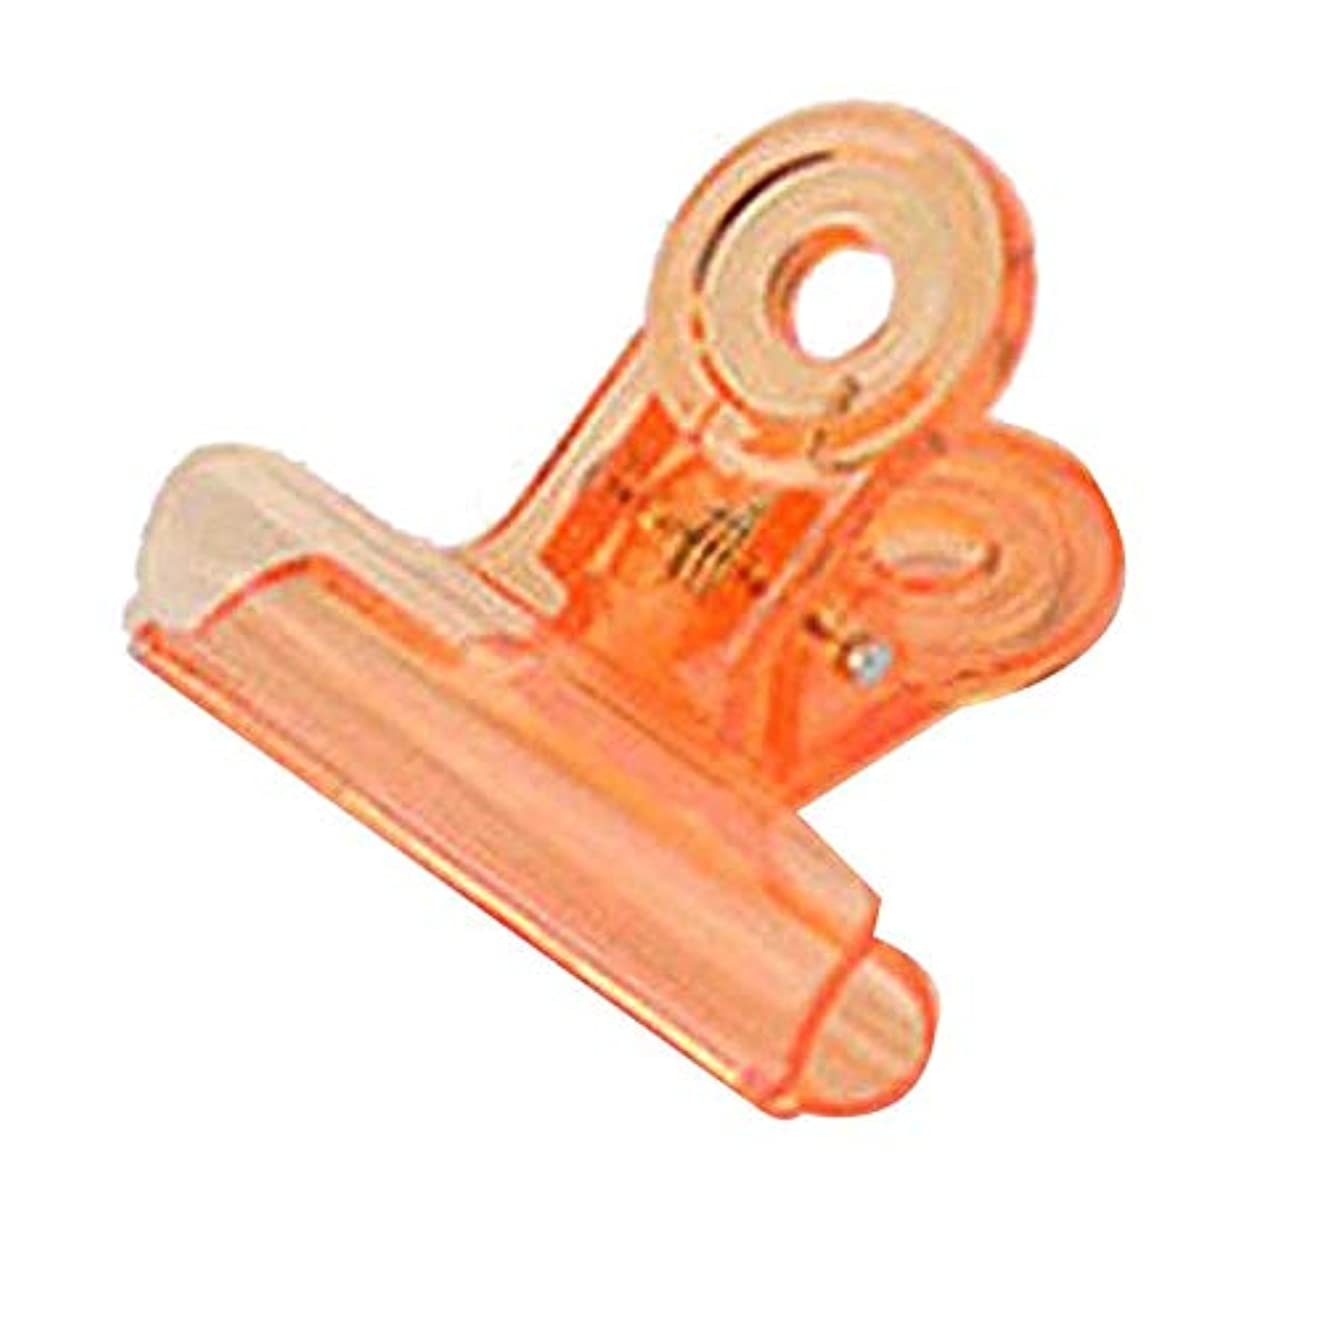 部屋を掃除する情熱背骨CUHAWUDBA カーブネイルピンチクリップツール多機能プラスチック爪 ランダムカラー(オレンジ)